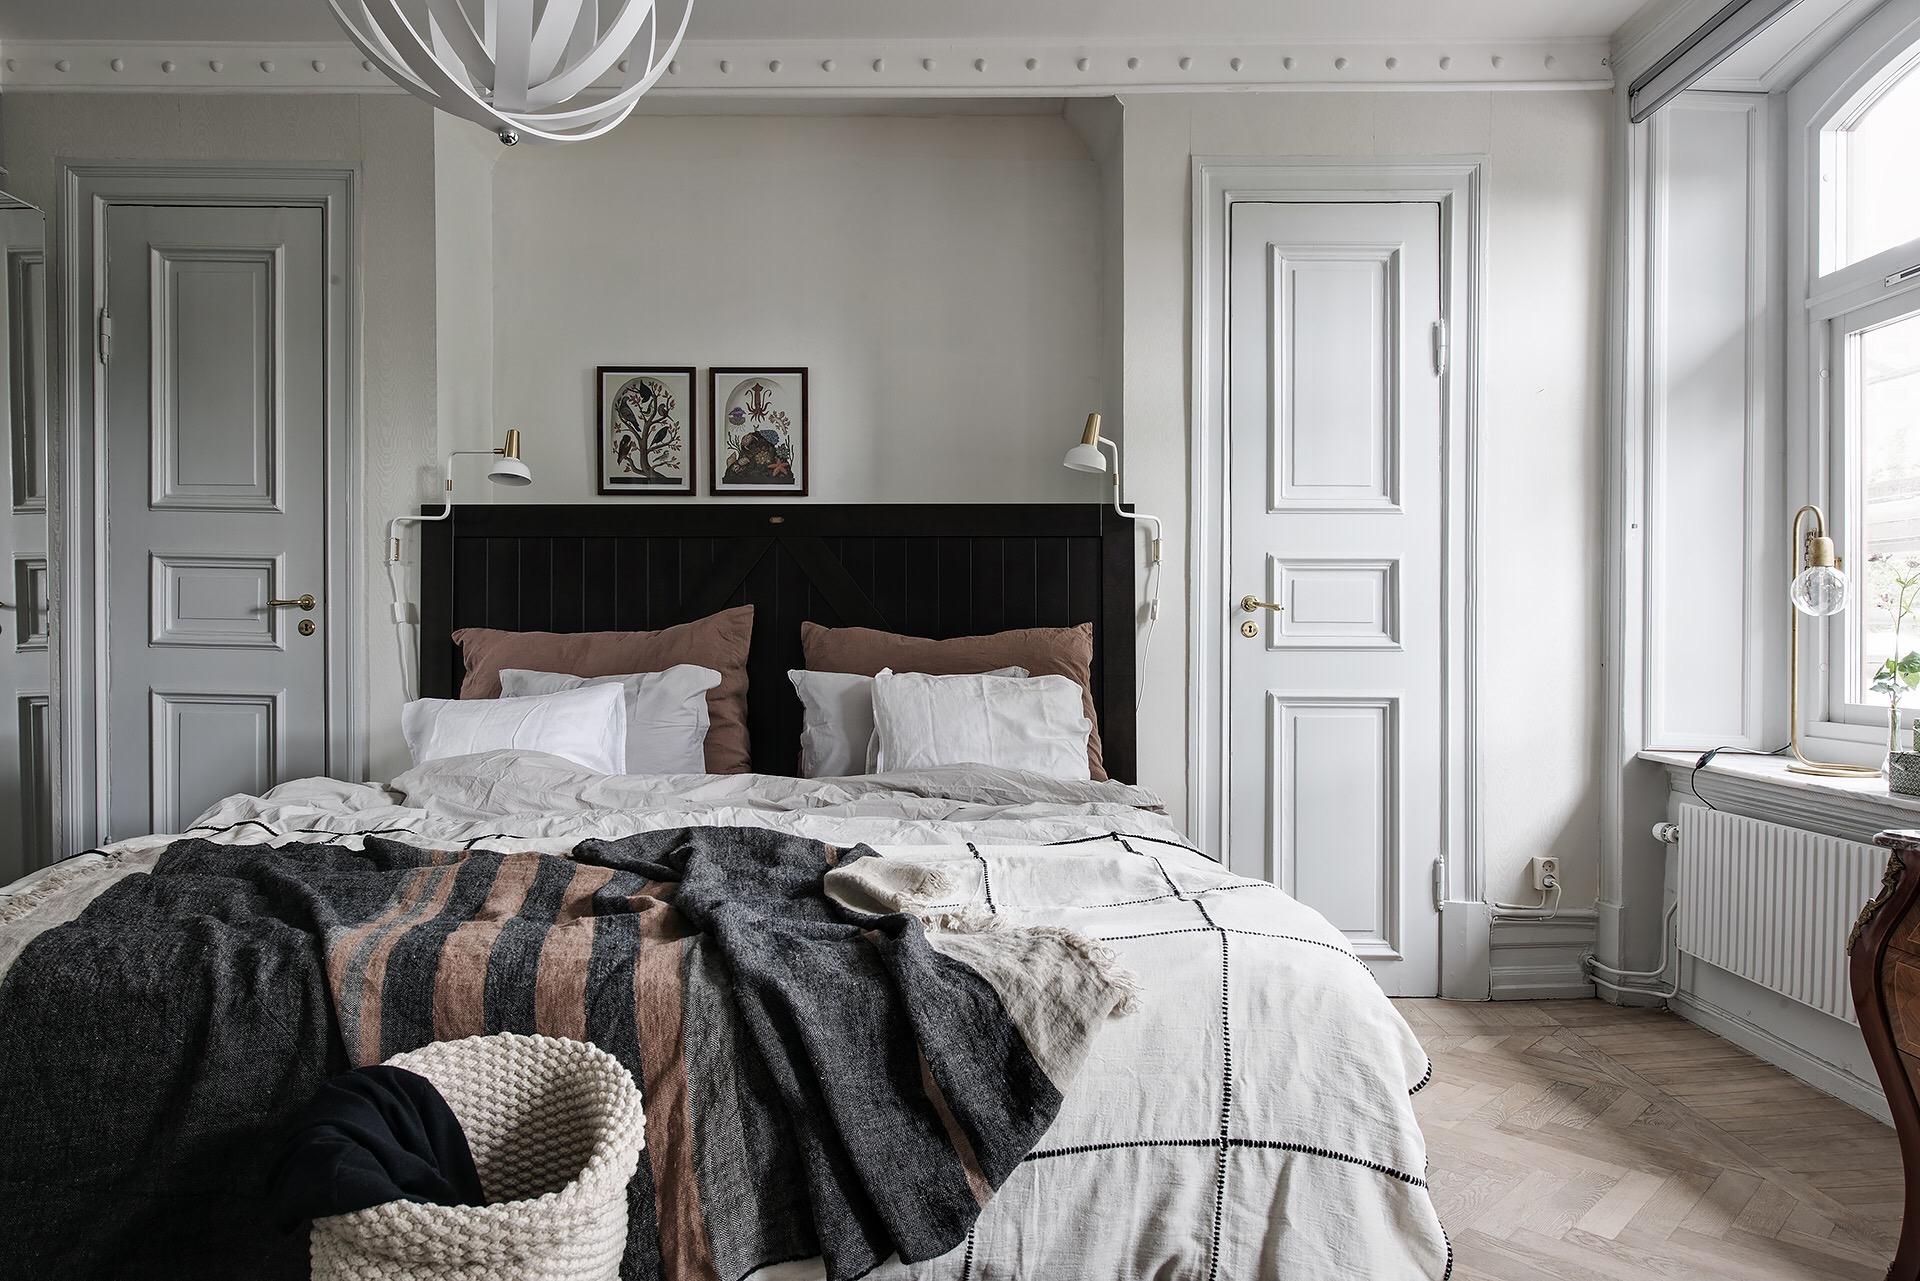 спальня кровать изголовье окно дверь